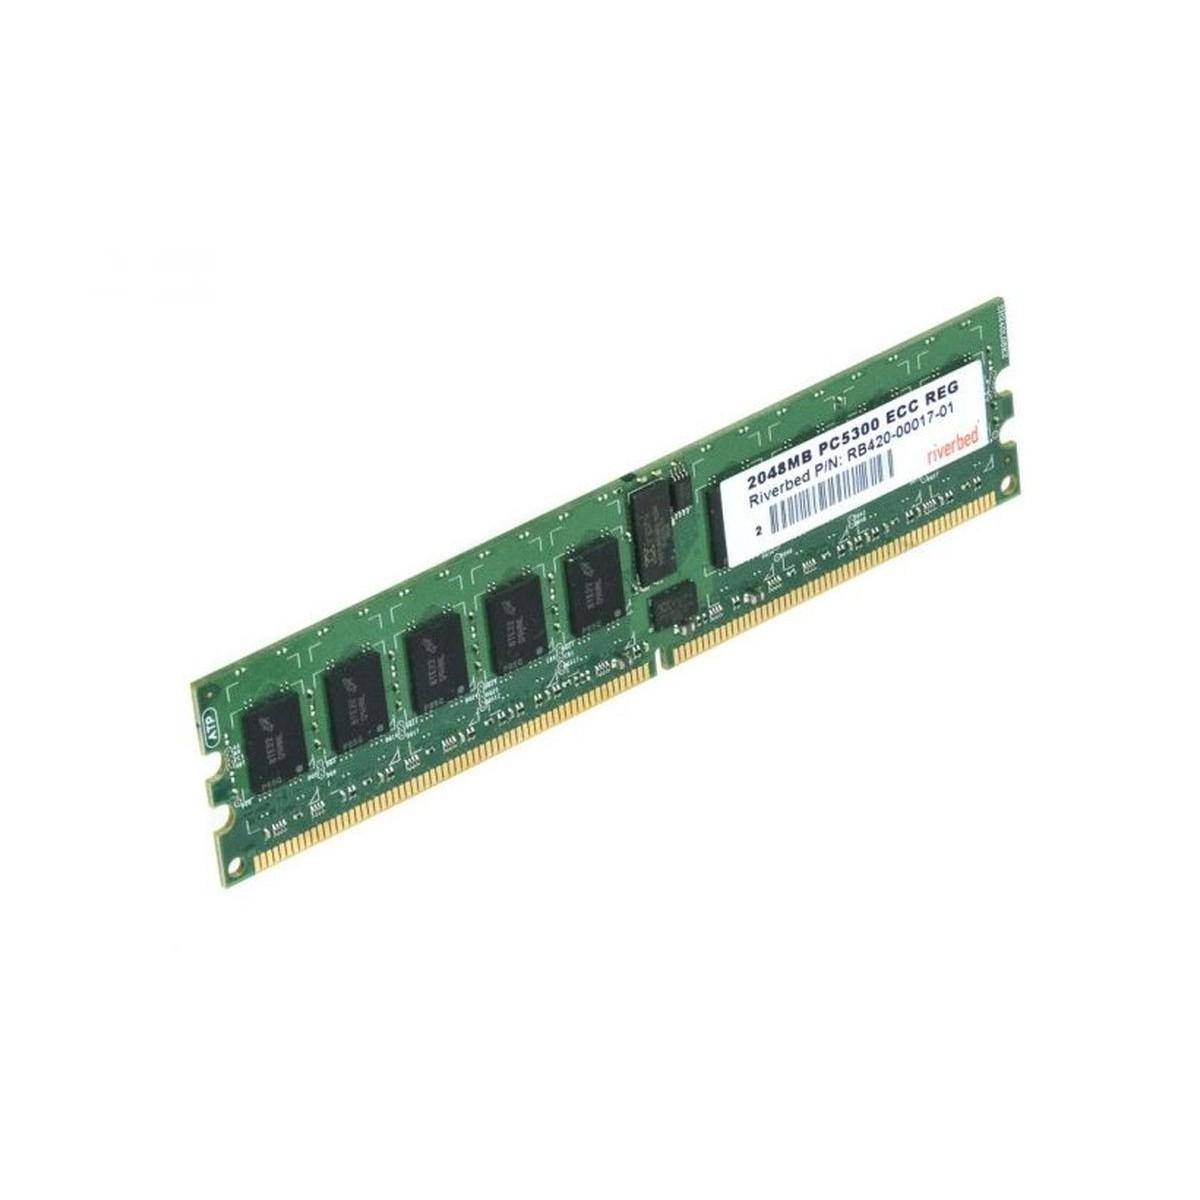 DYSK HP 72GB SAS 15K 3G 2,5 431930-002 418373-008